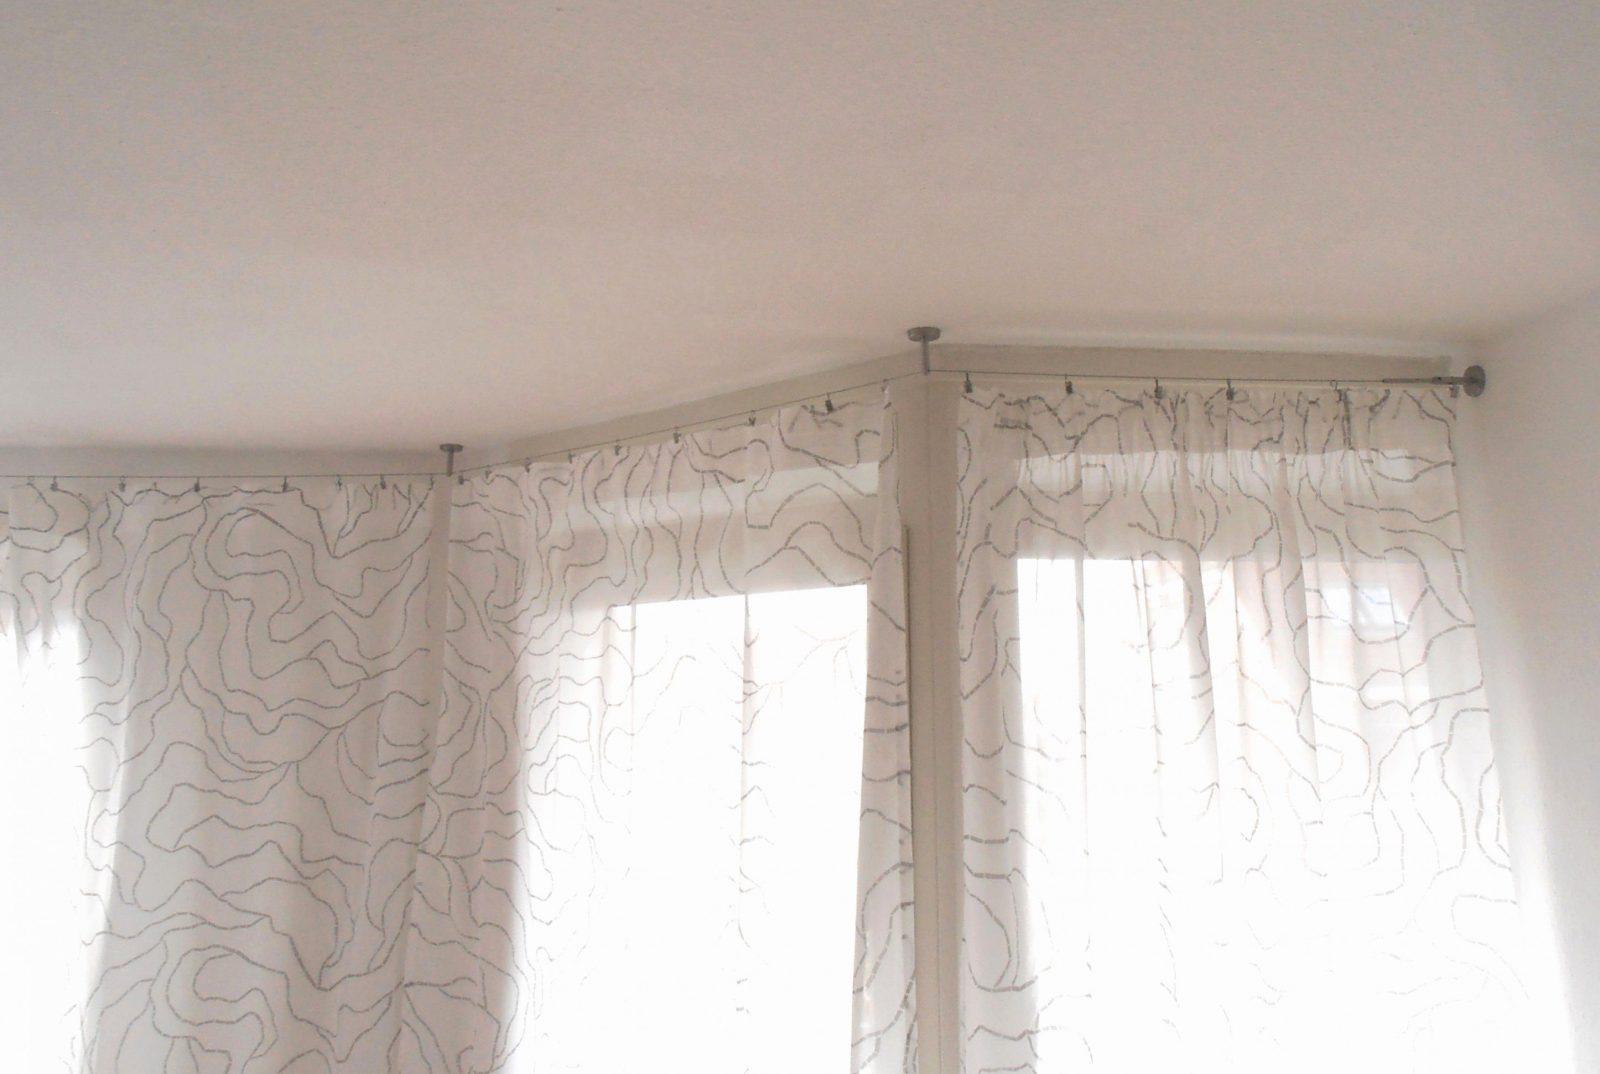 Moderner Flächenvorhang Schiebegardine Aus Hochwertigem Ausbrenner von Flächenvorhang 30 Cm Breit Bild